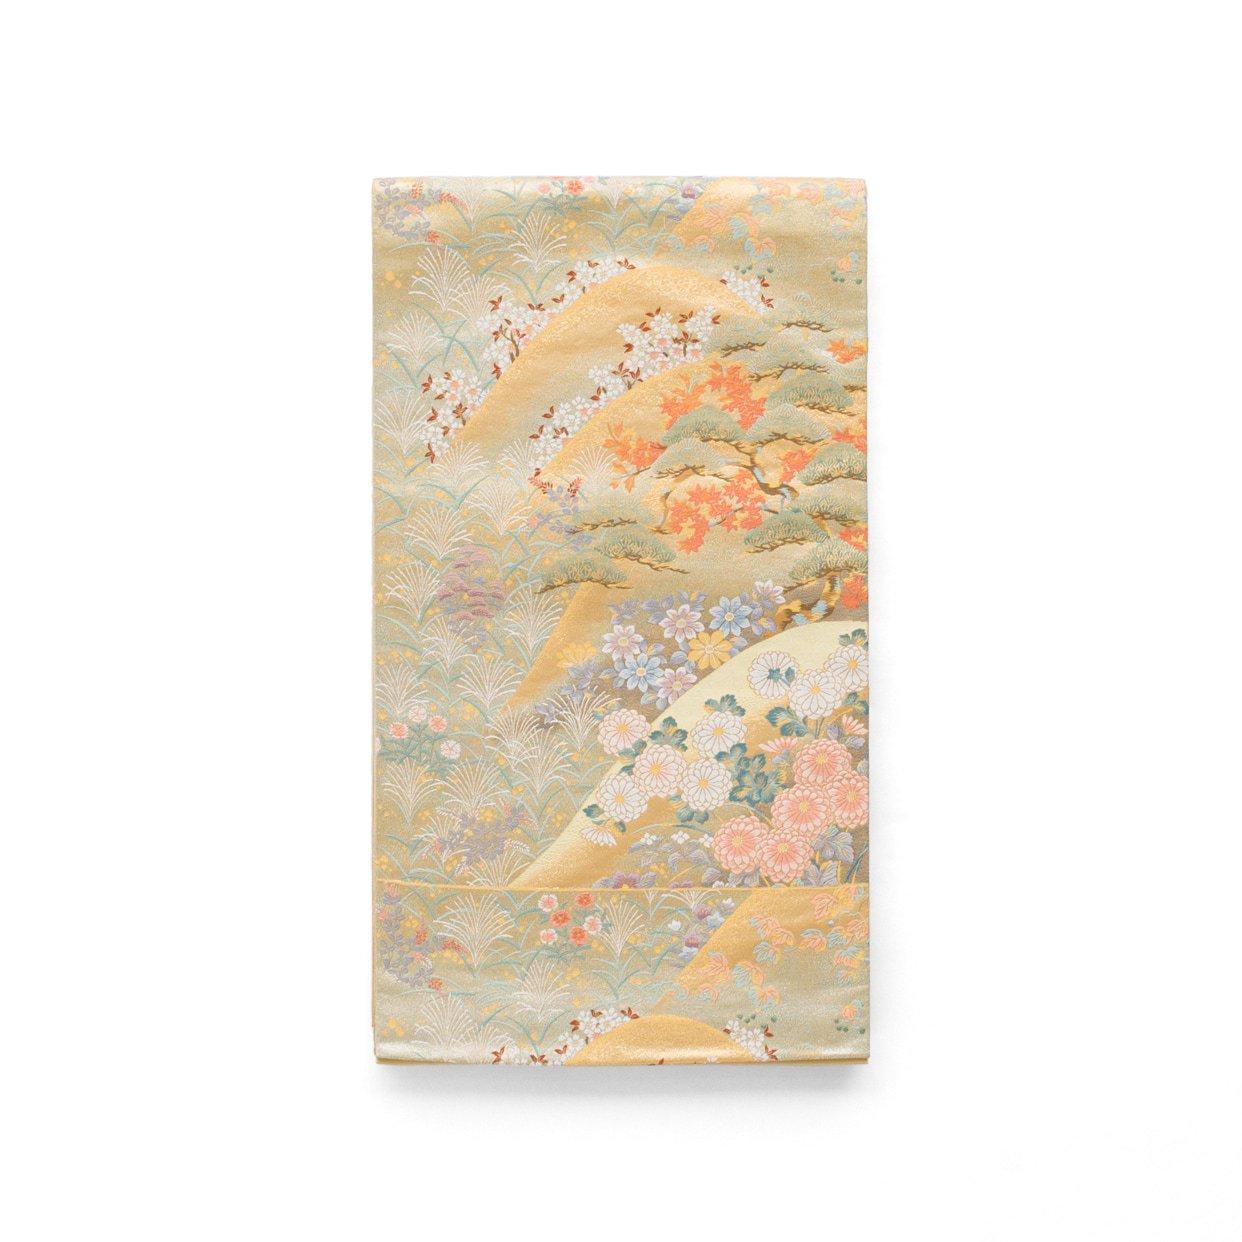 「袋帯●山並に四季花」の商品画像